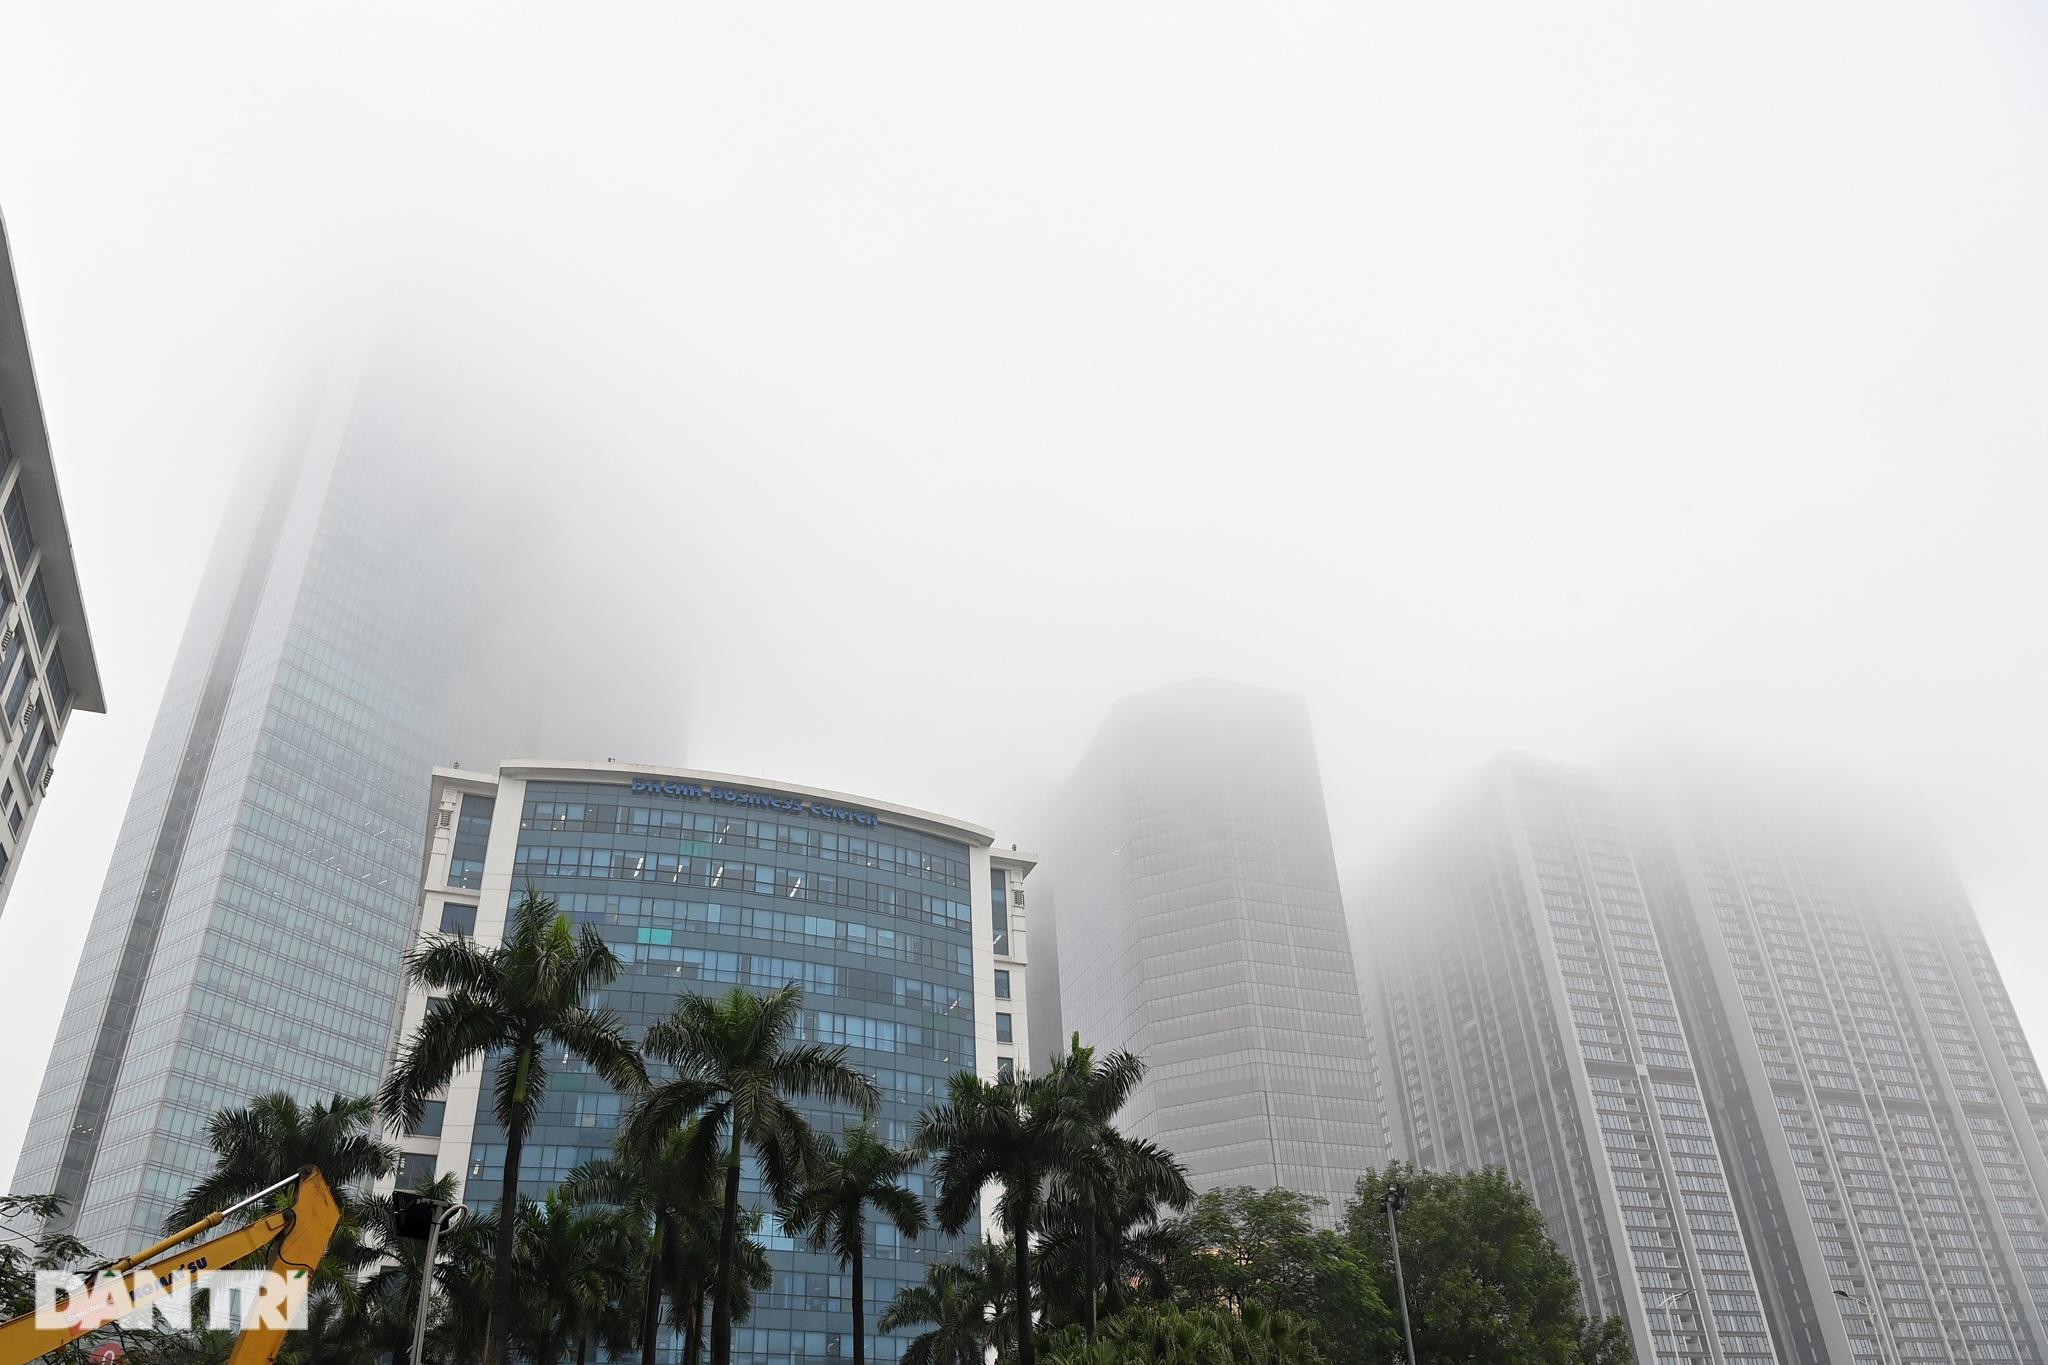 Những tòa nhà chọc trời ở Hà Nội biến mất trong làn sương dày đặc - 1